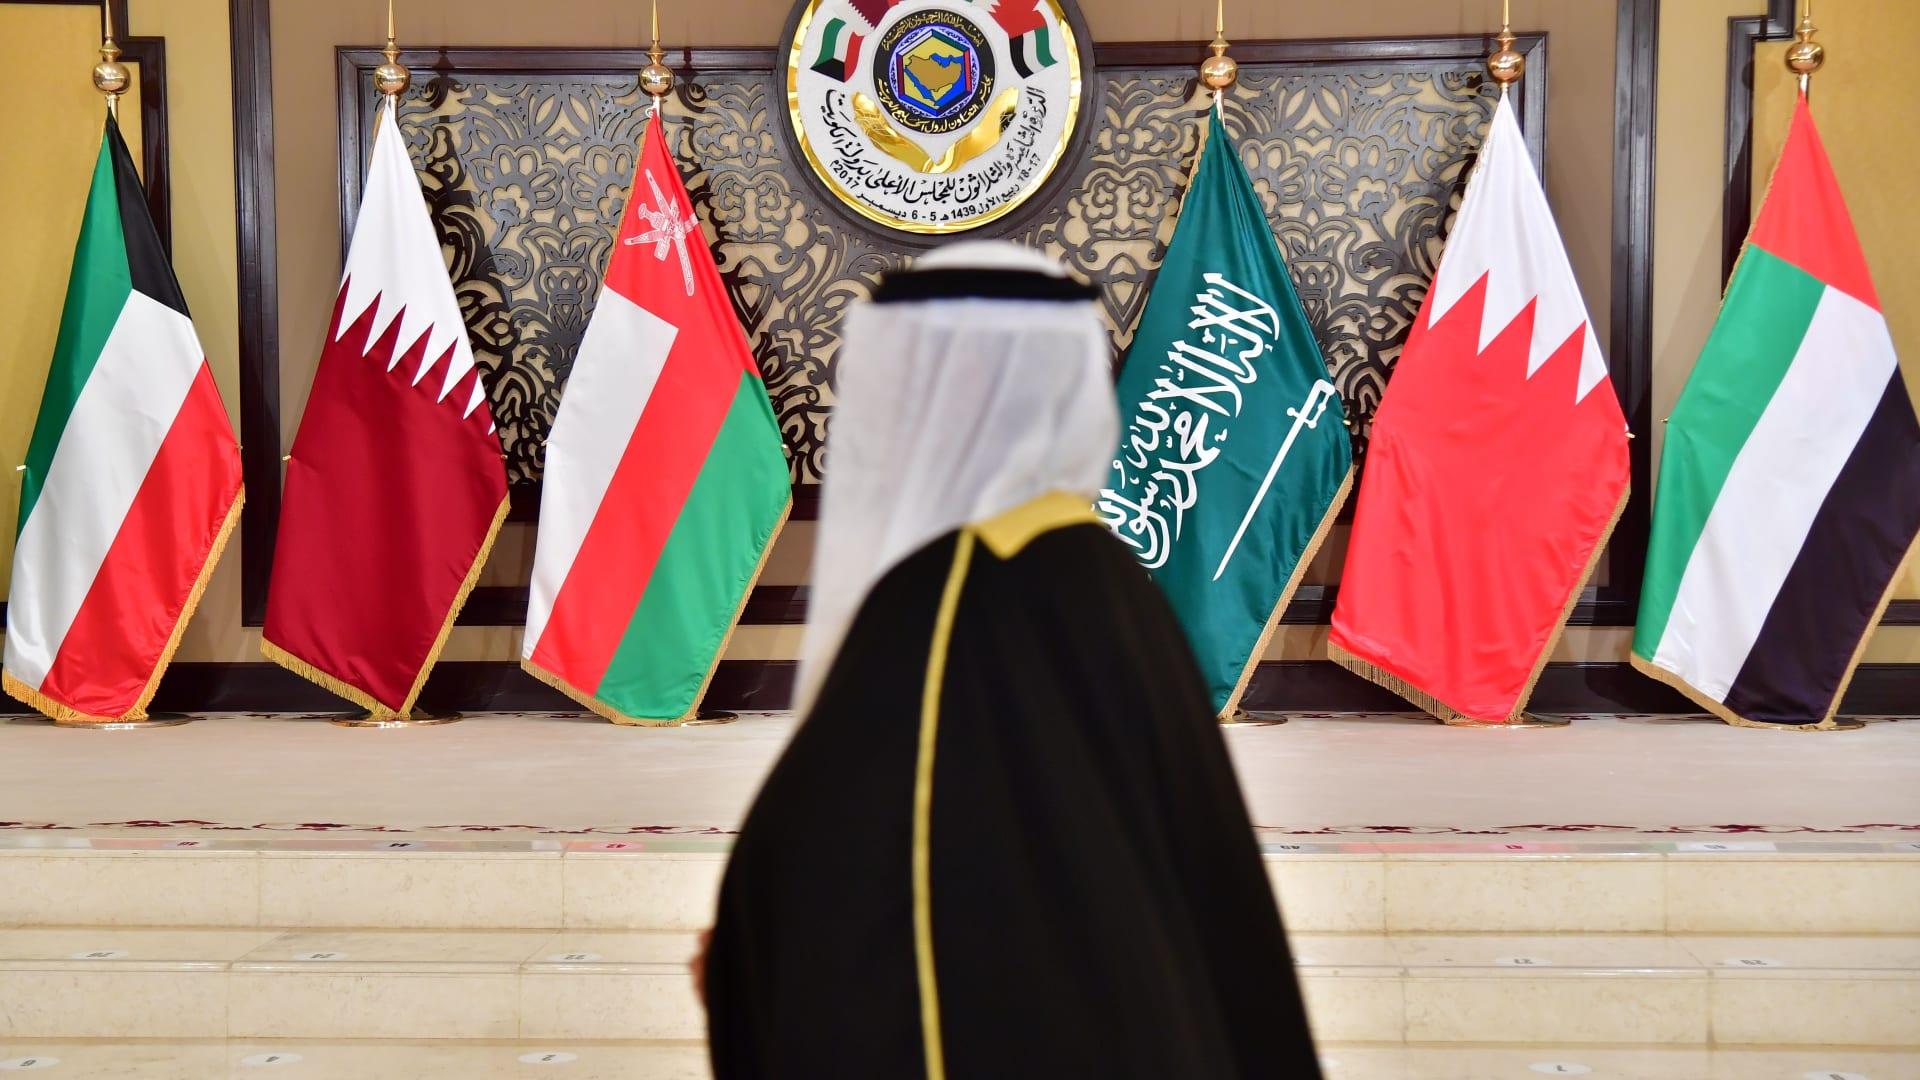 مجلس التعاون الخليجي يرفض تهديدات إيران للإمارات بعد الاتفاق مع إسرائيل